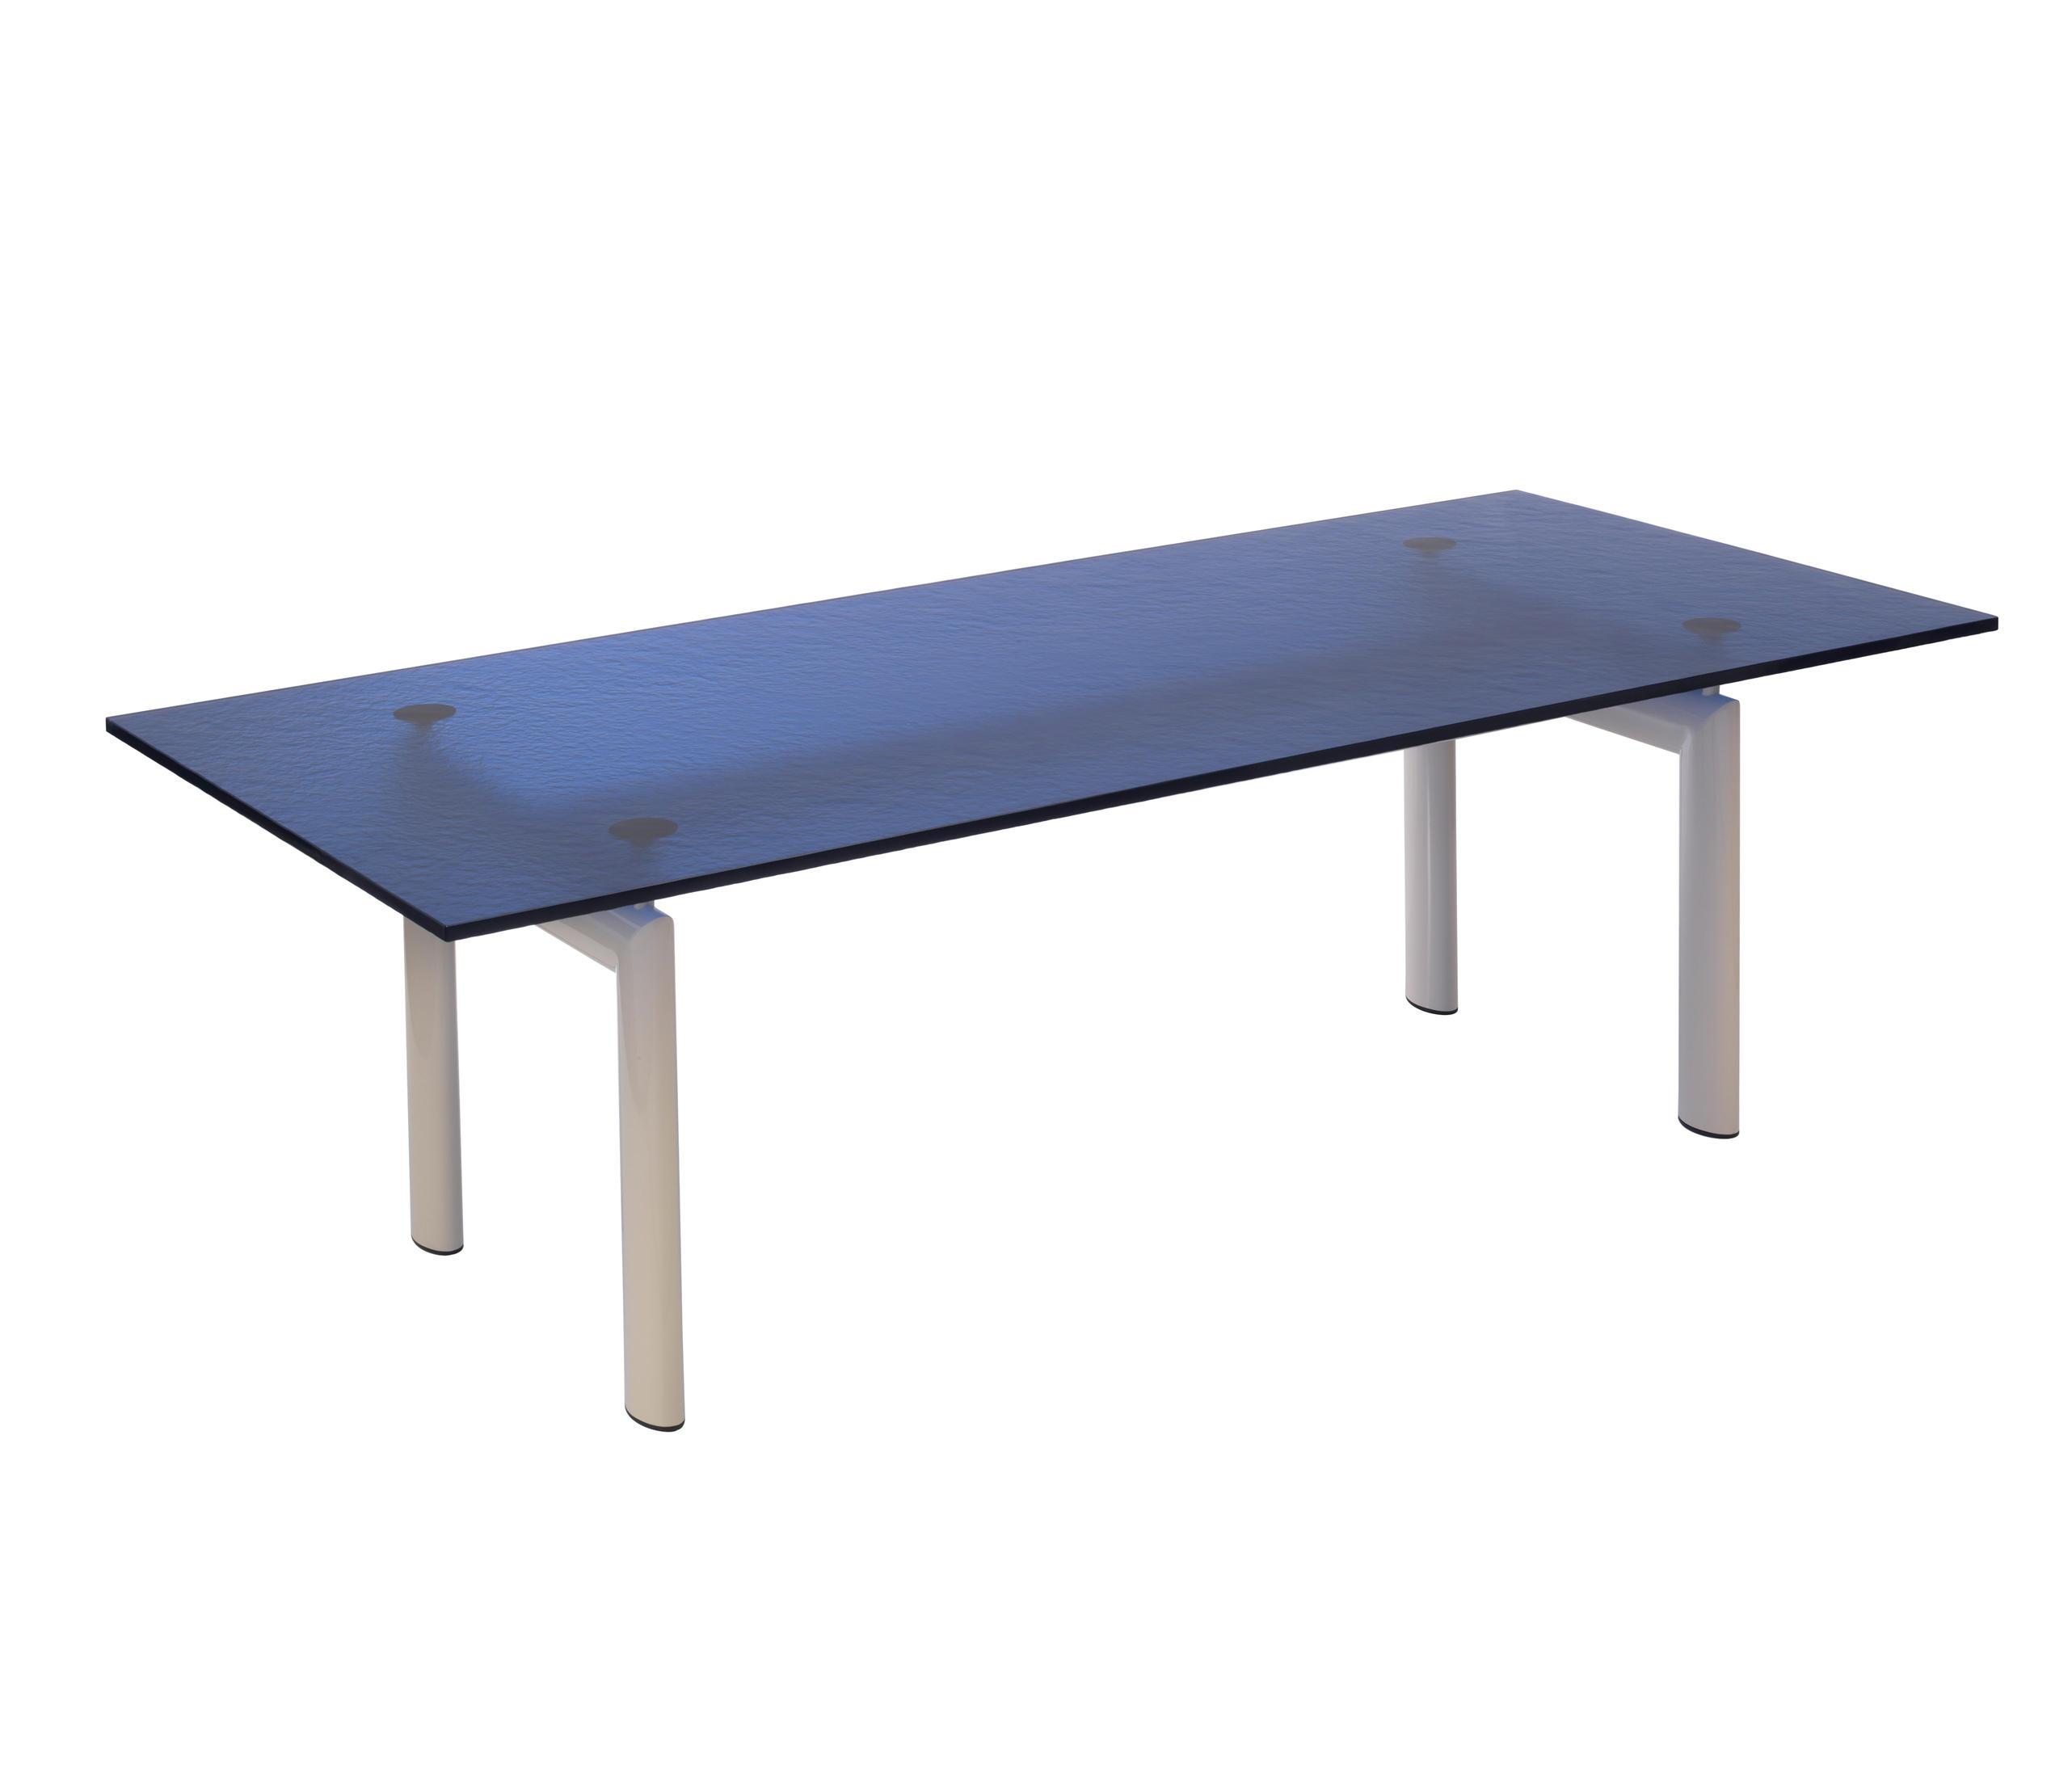 Lc6 table scrivanie direzionali cassina architonic - Table le corbusier lc6 ...